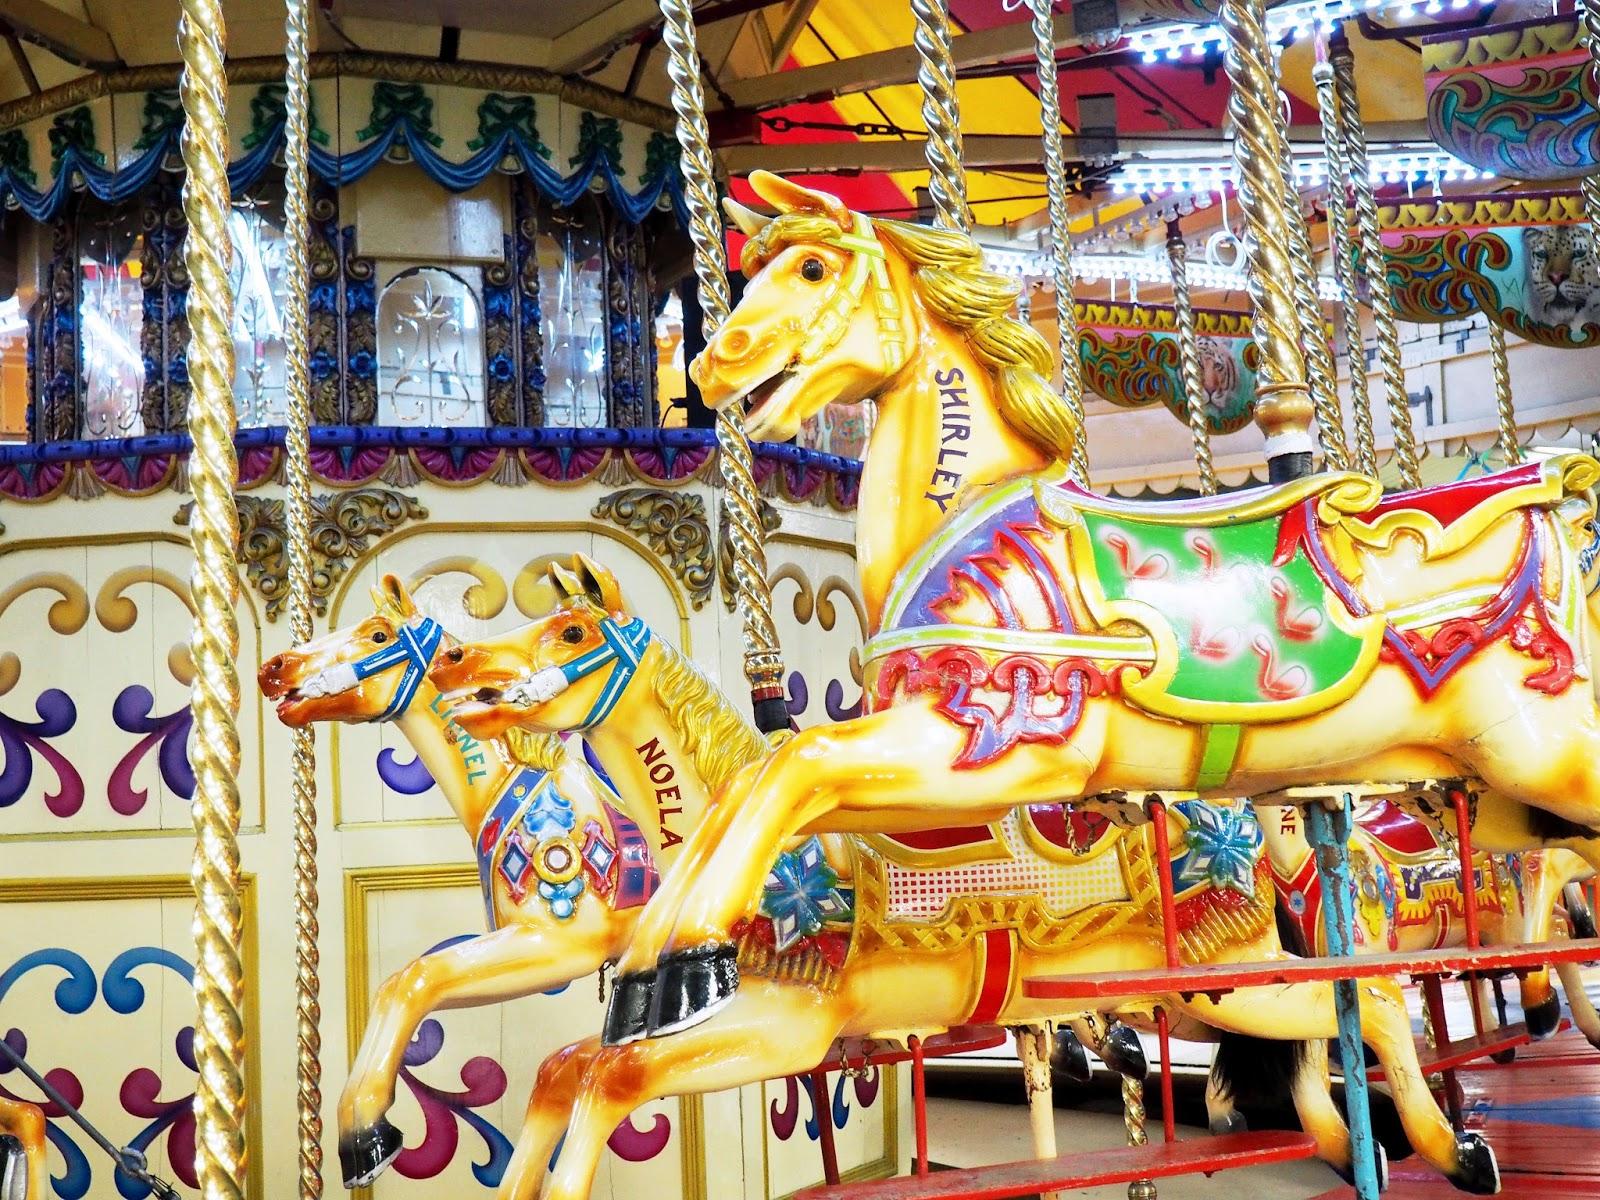 Folly Farm Adventure Park and Zoo Indoor Fun Fair